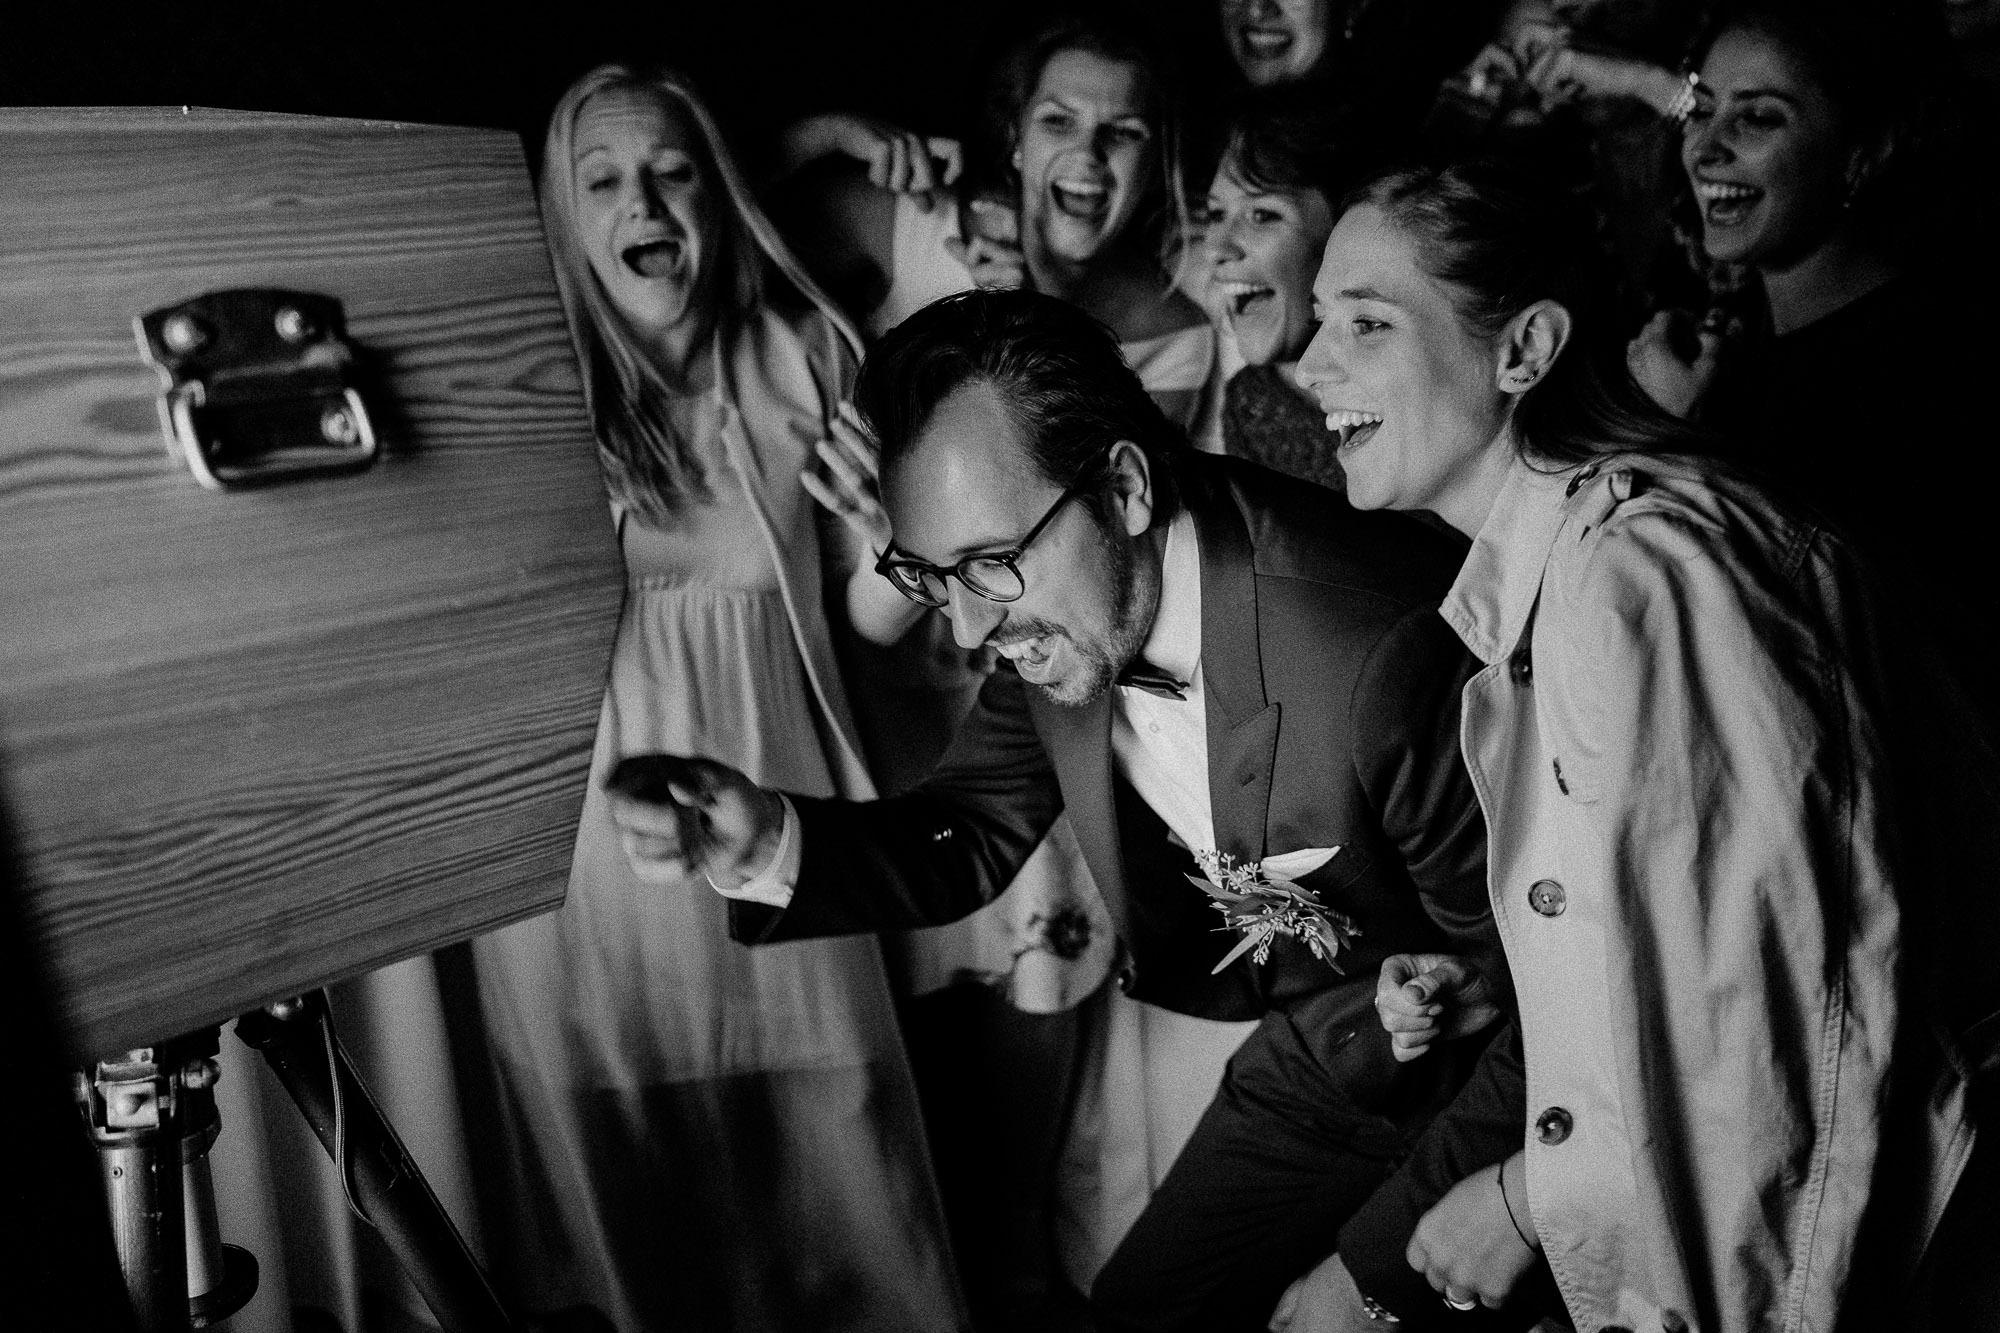 hochzeitsfotograf vorarlberg hochzeit villa maund feier